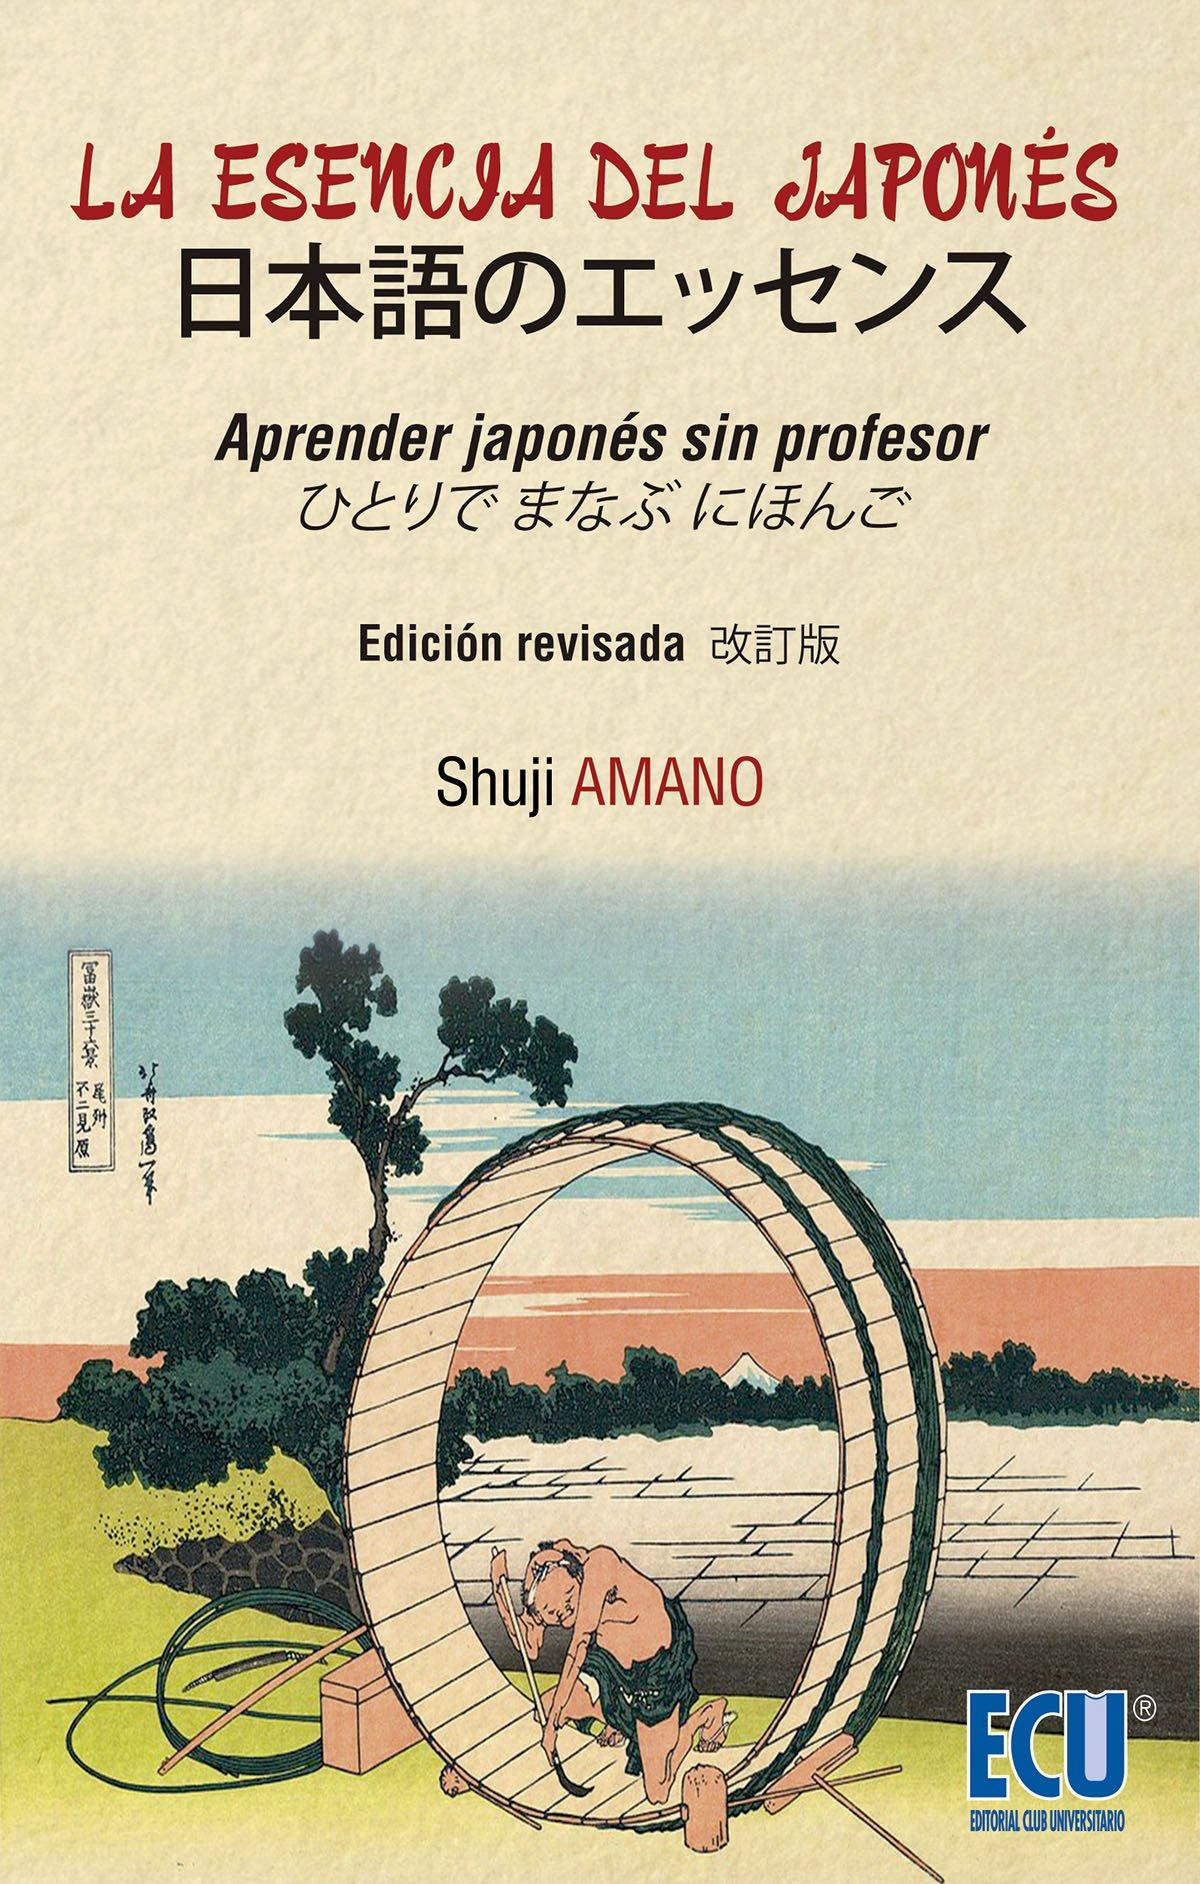 La esencia del Japonés: Aprender japonés sin profesor. Edición revisada Tapa blanda – 11 may 2017 Shuji Amano Editorial Club Universitario 8416704457